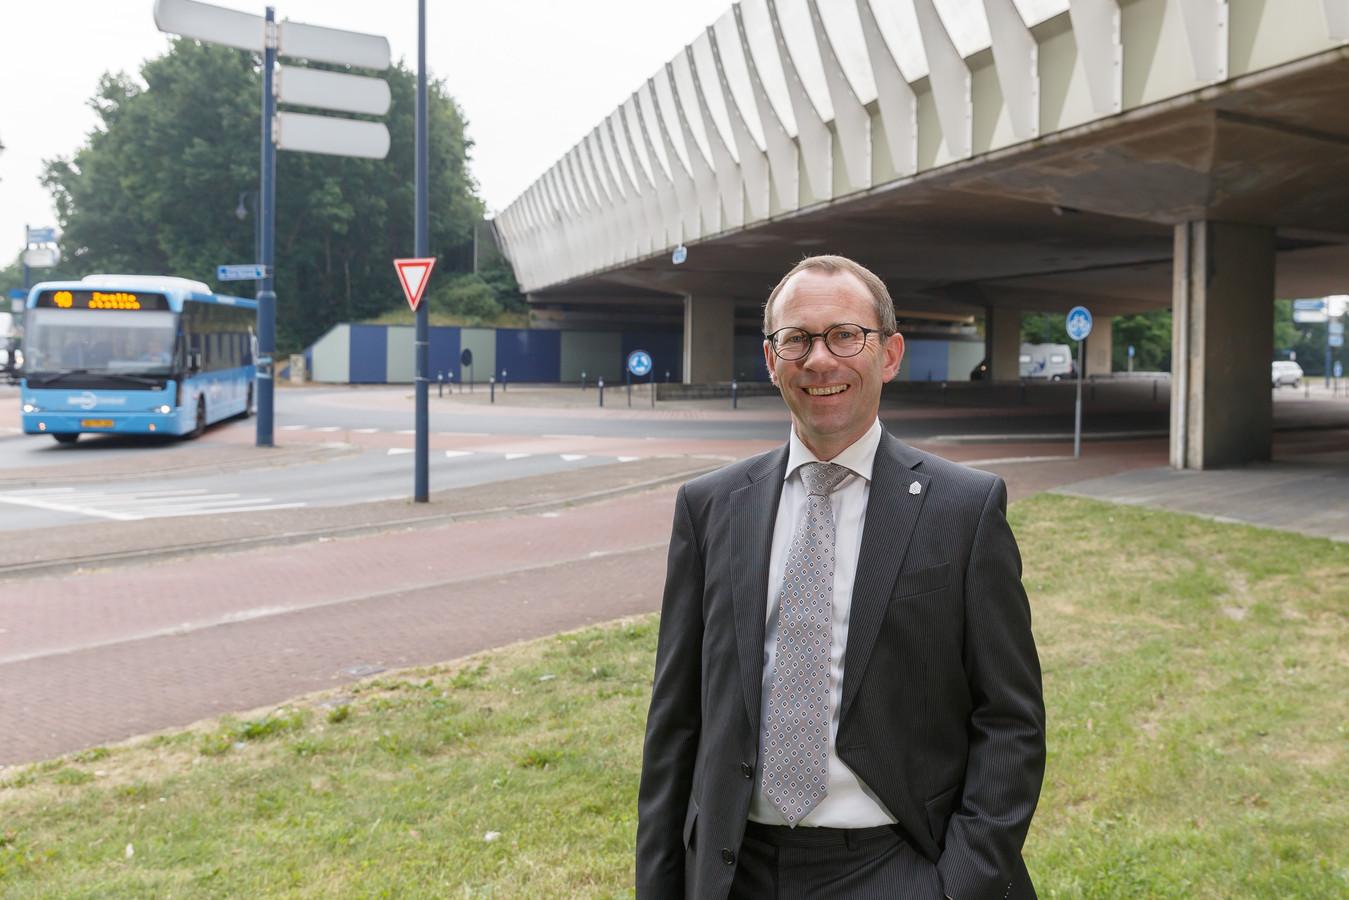 Oud-wethouder en SGP'er Sytse de Jong verruilt SGP voor kandidatuur gedeputeerde Overijssel